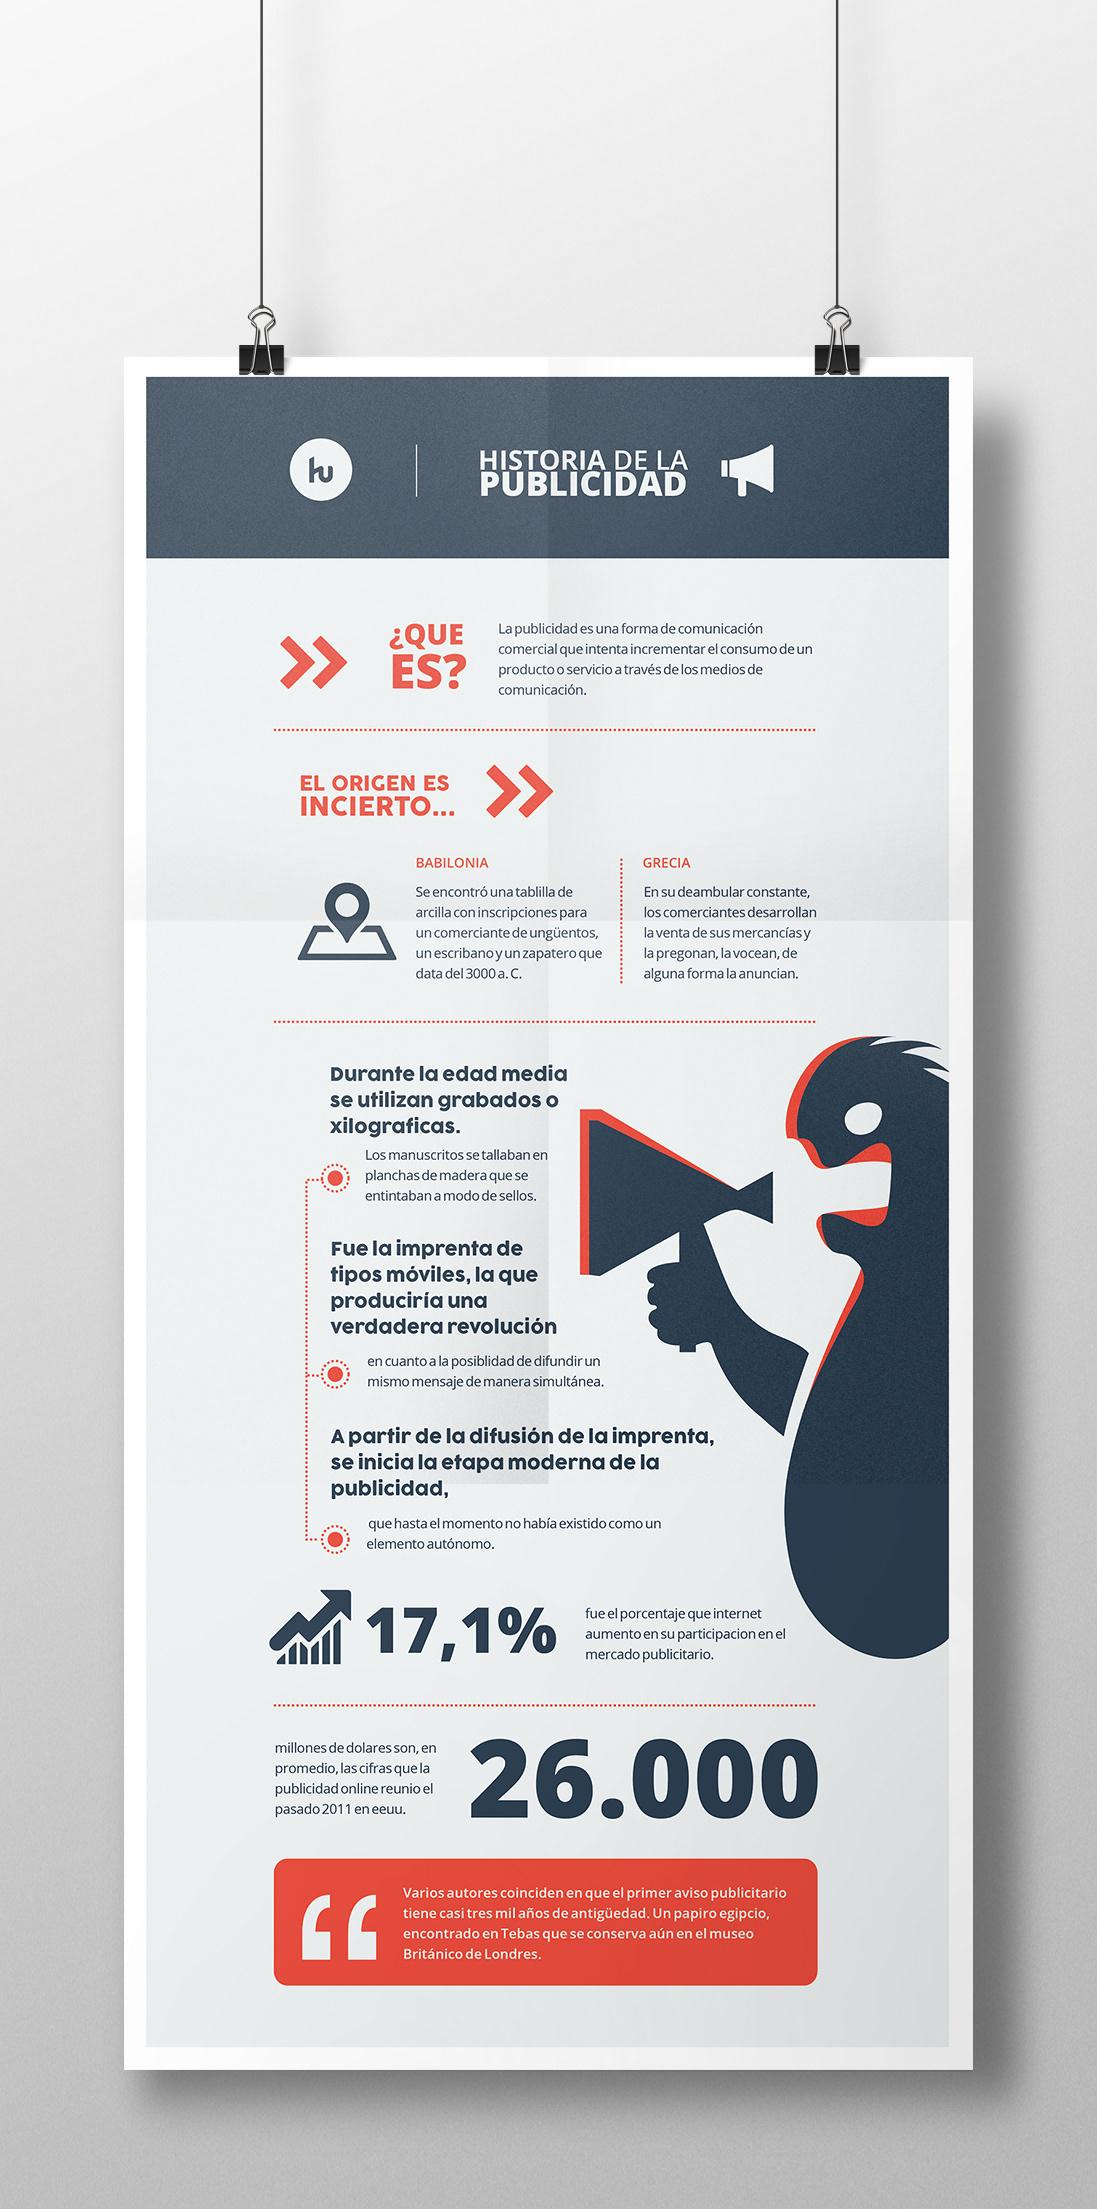 Infografía de la Publicidad on Behance ebcd18bb079